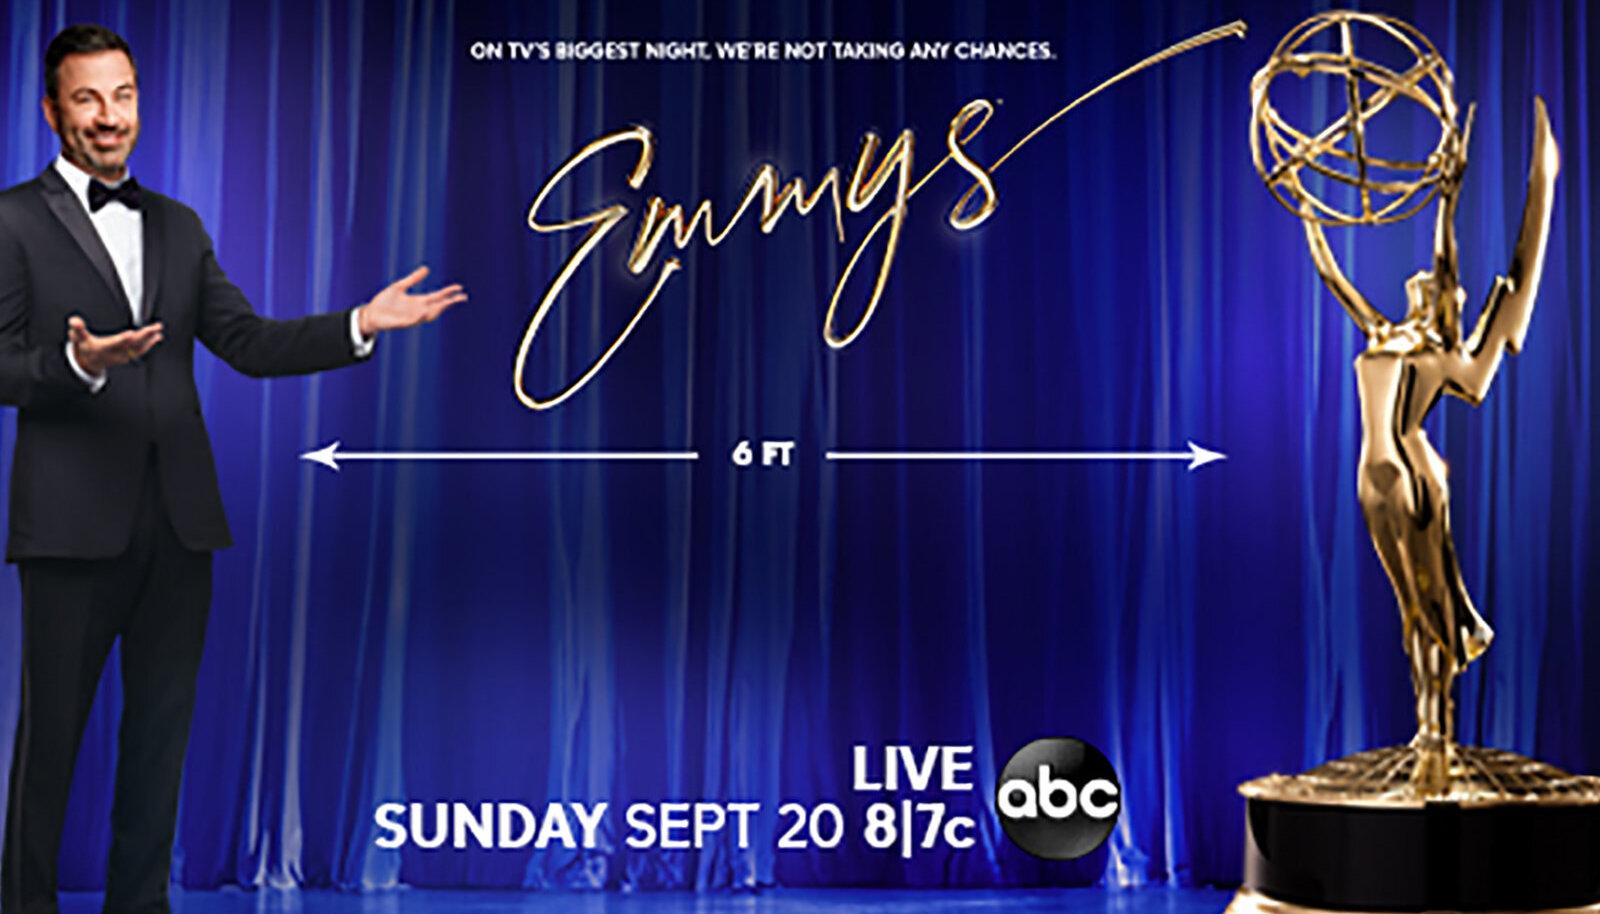 Emmy auhinnagalat juhib Jimmy Kimmel